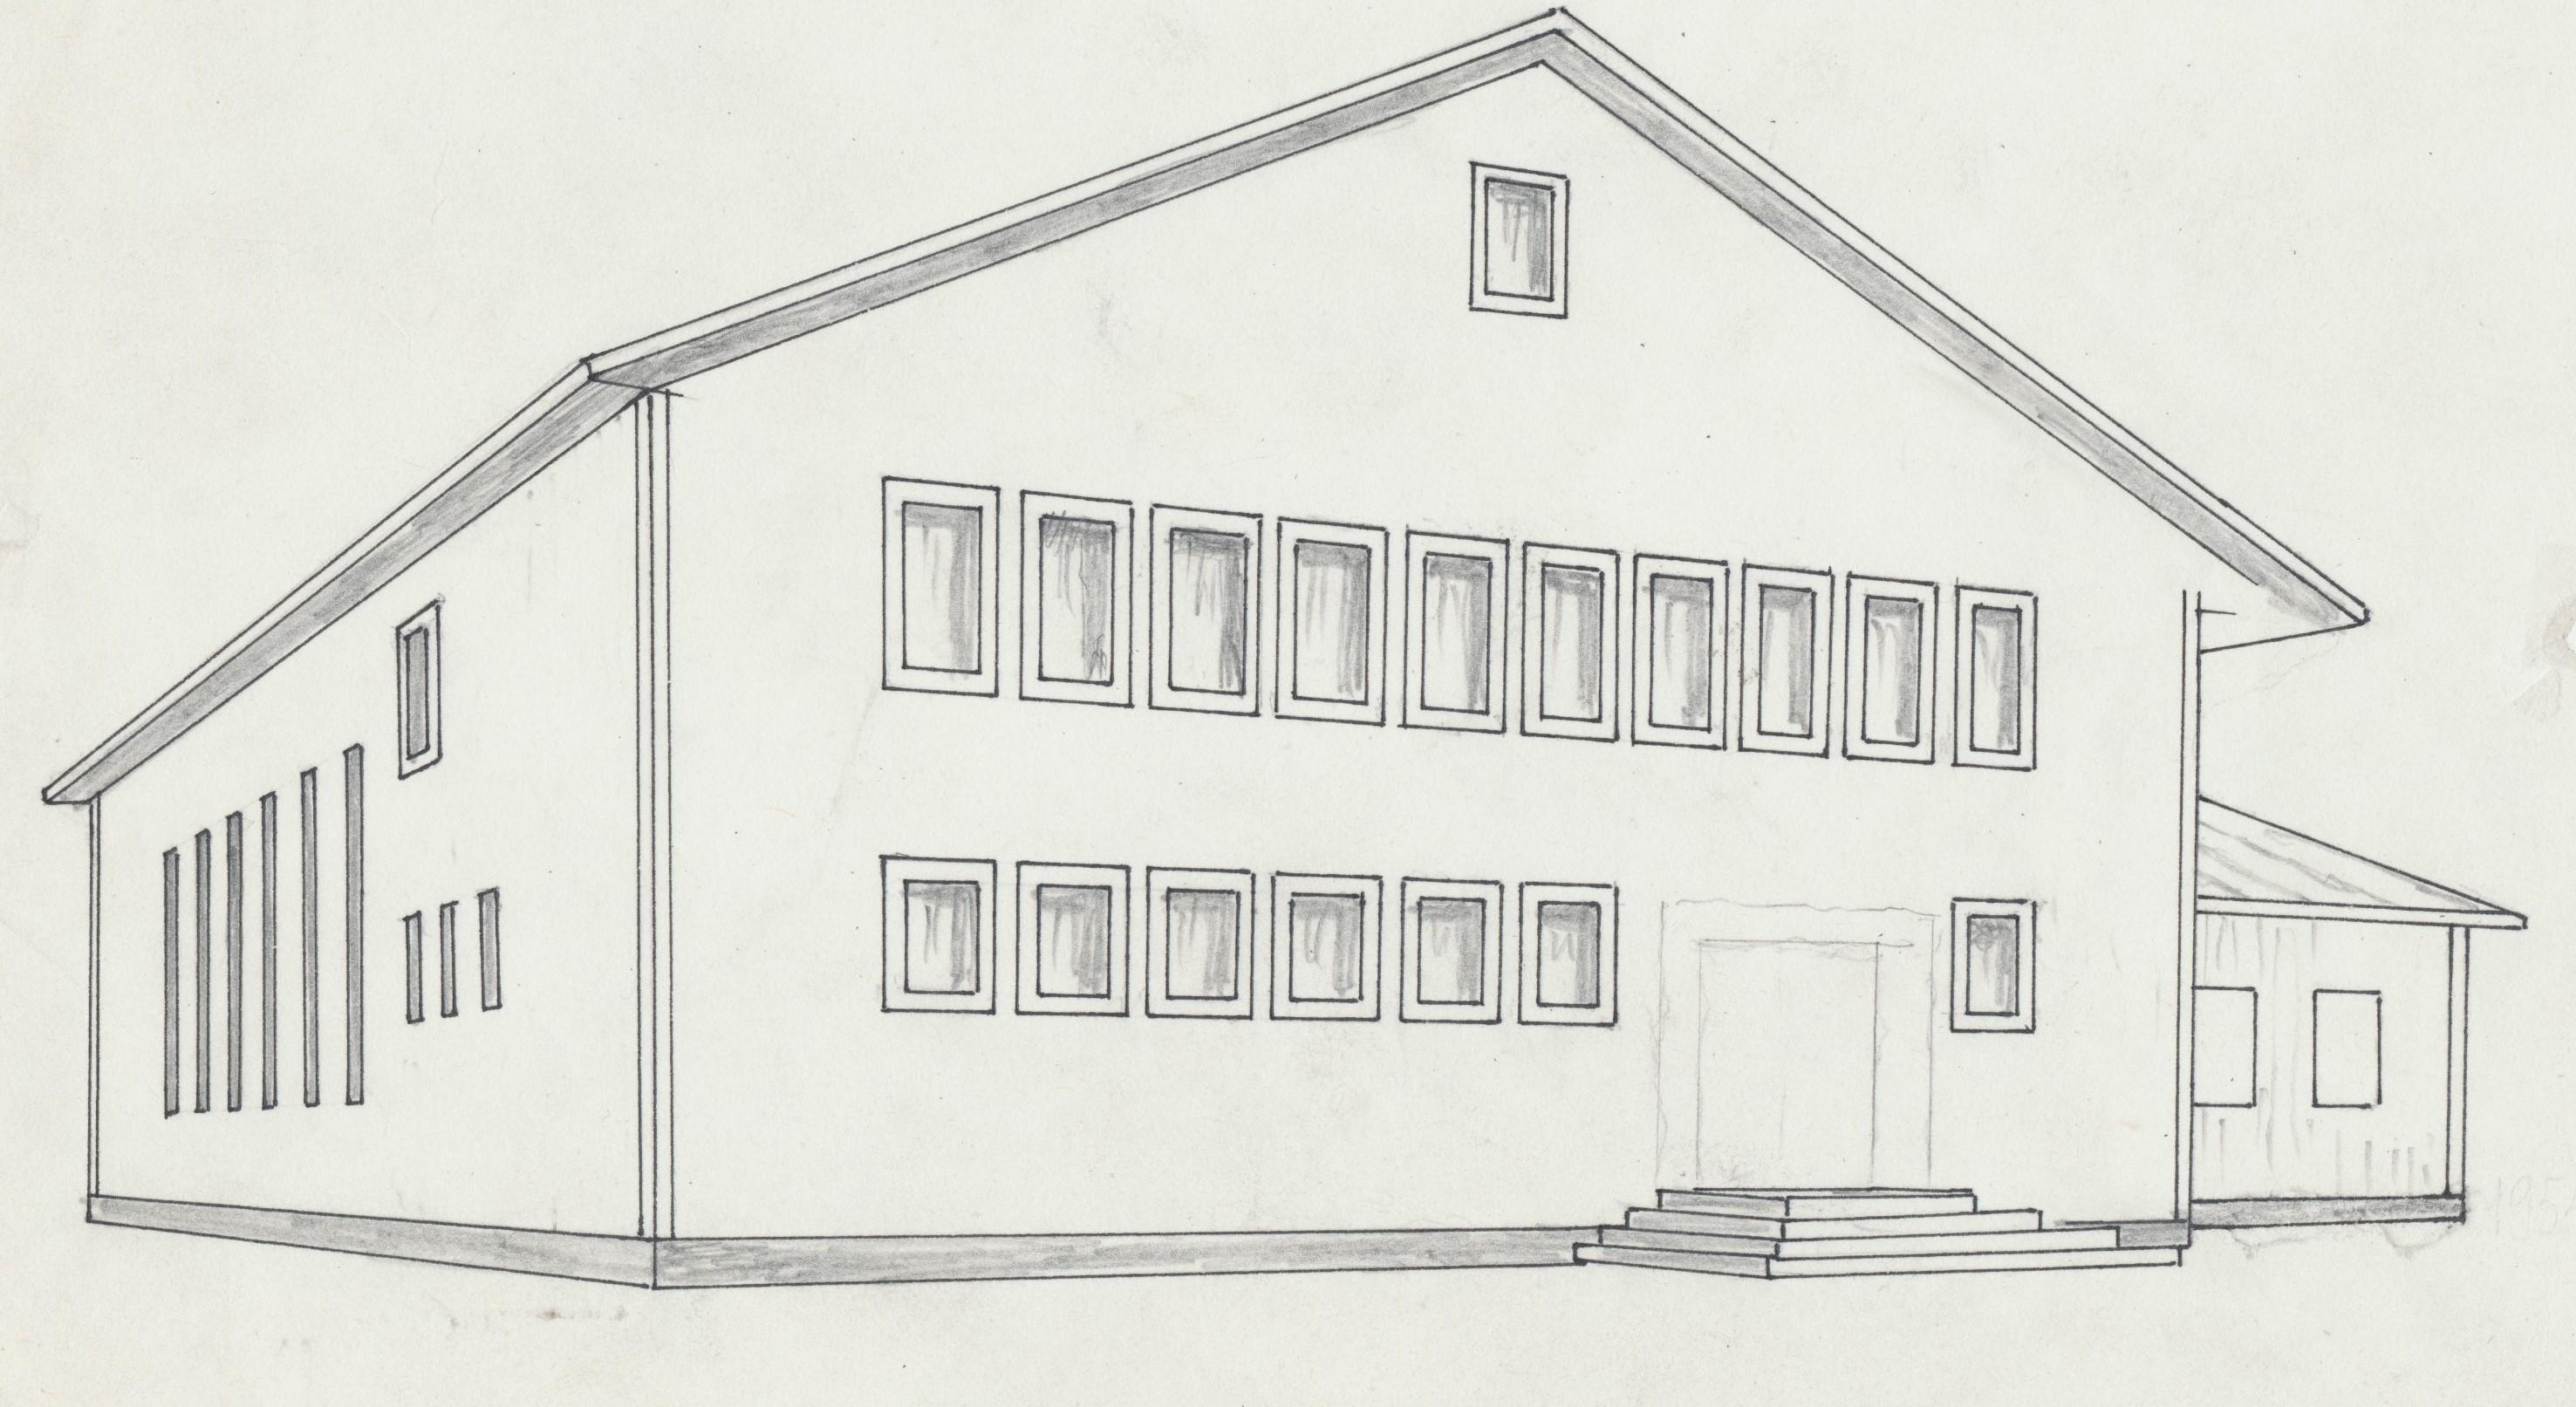 Rurik Nylunds skiss av ungdomsföreningens lokal.